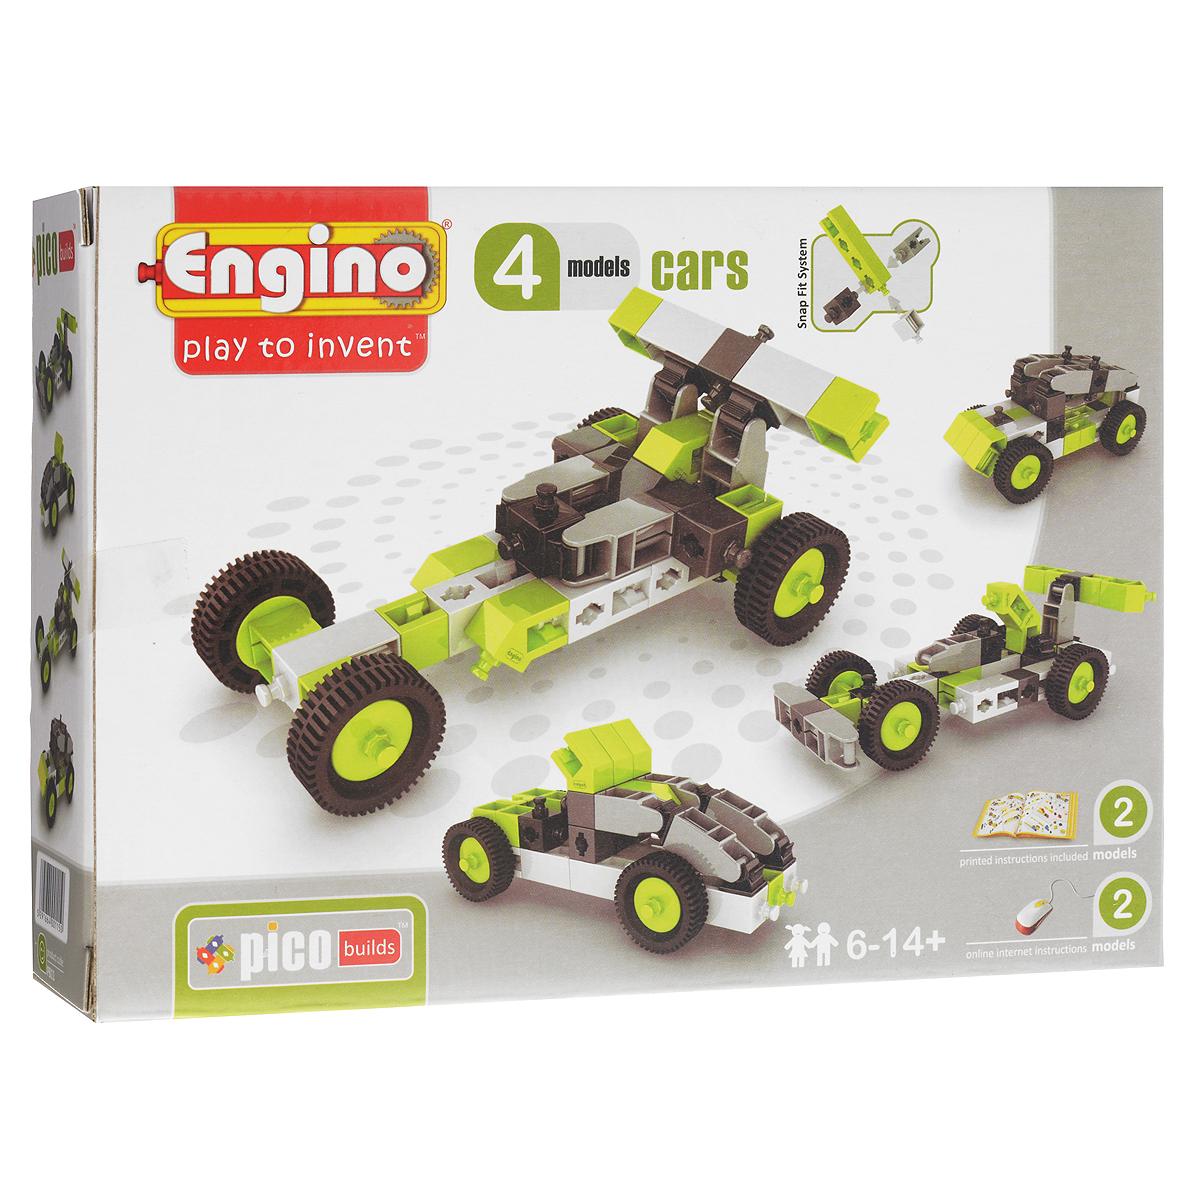 Engino Конструктор Cars 4 models постельное белье евро